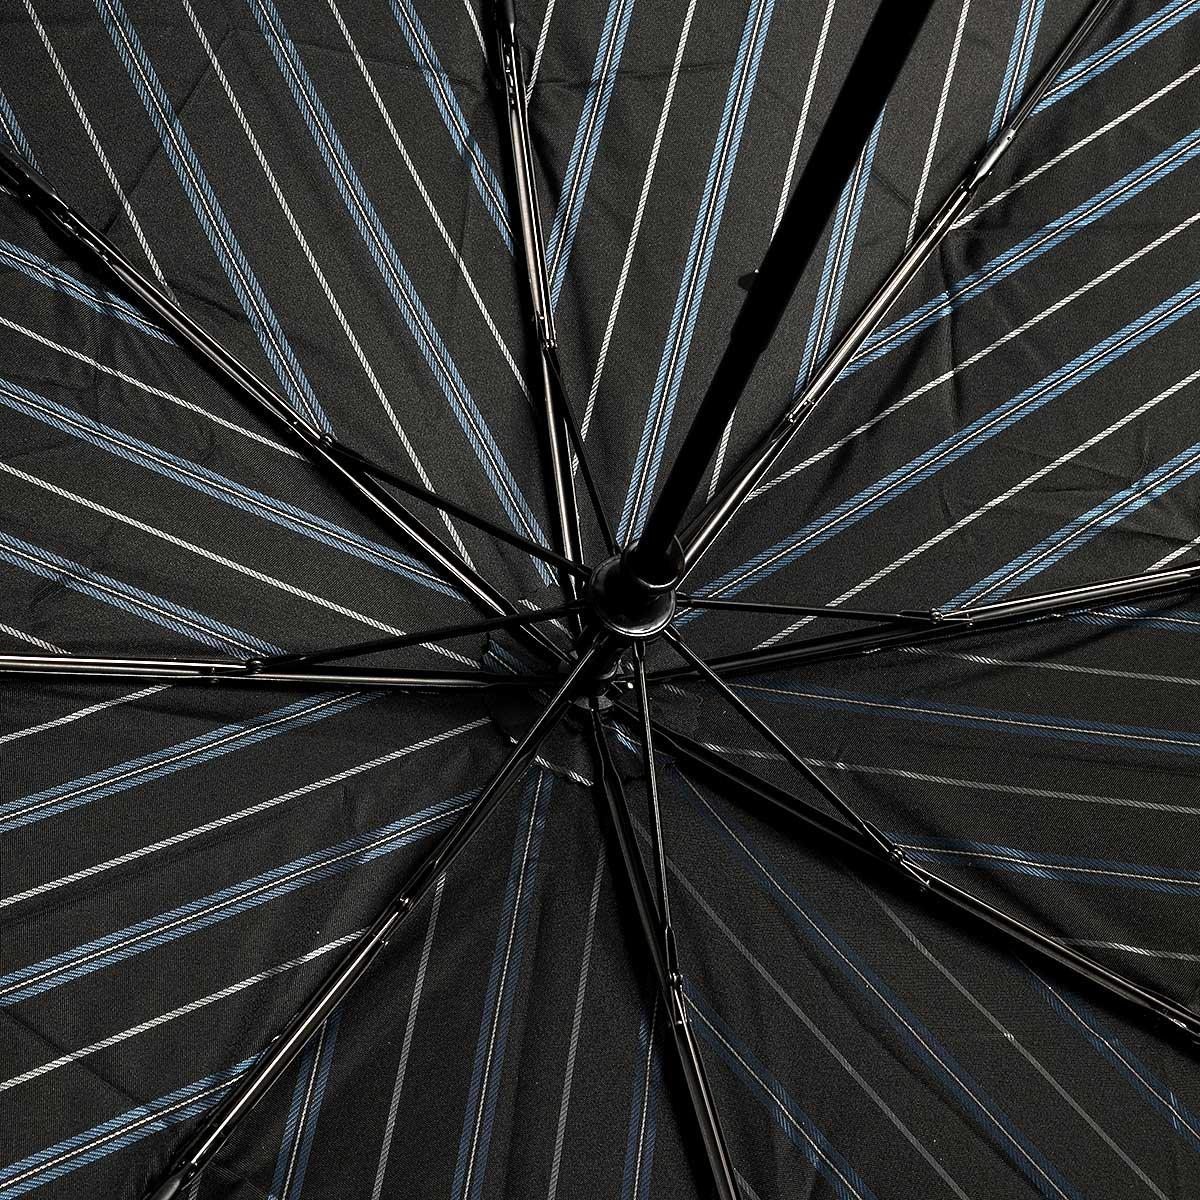 ダブルフェイス オルタネートストライプ 耐風骨 折りたたみ傘 詳細画像7